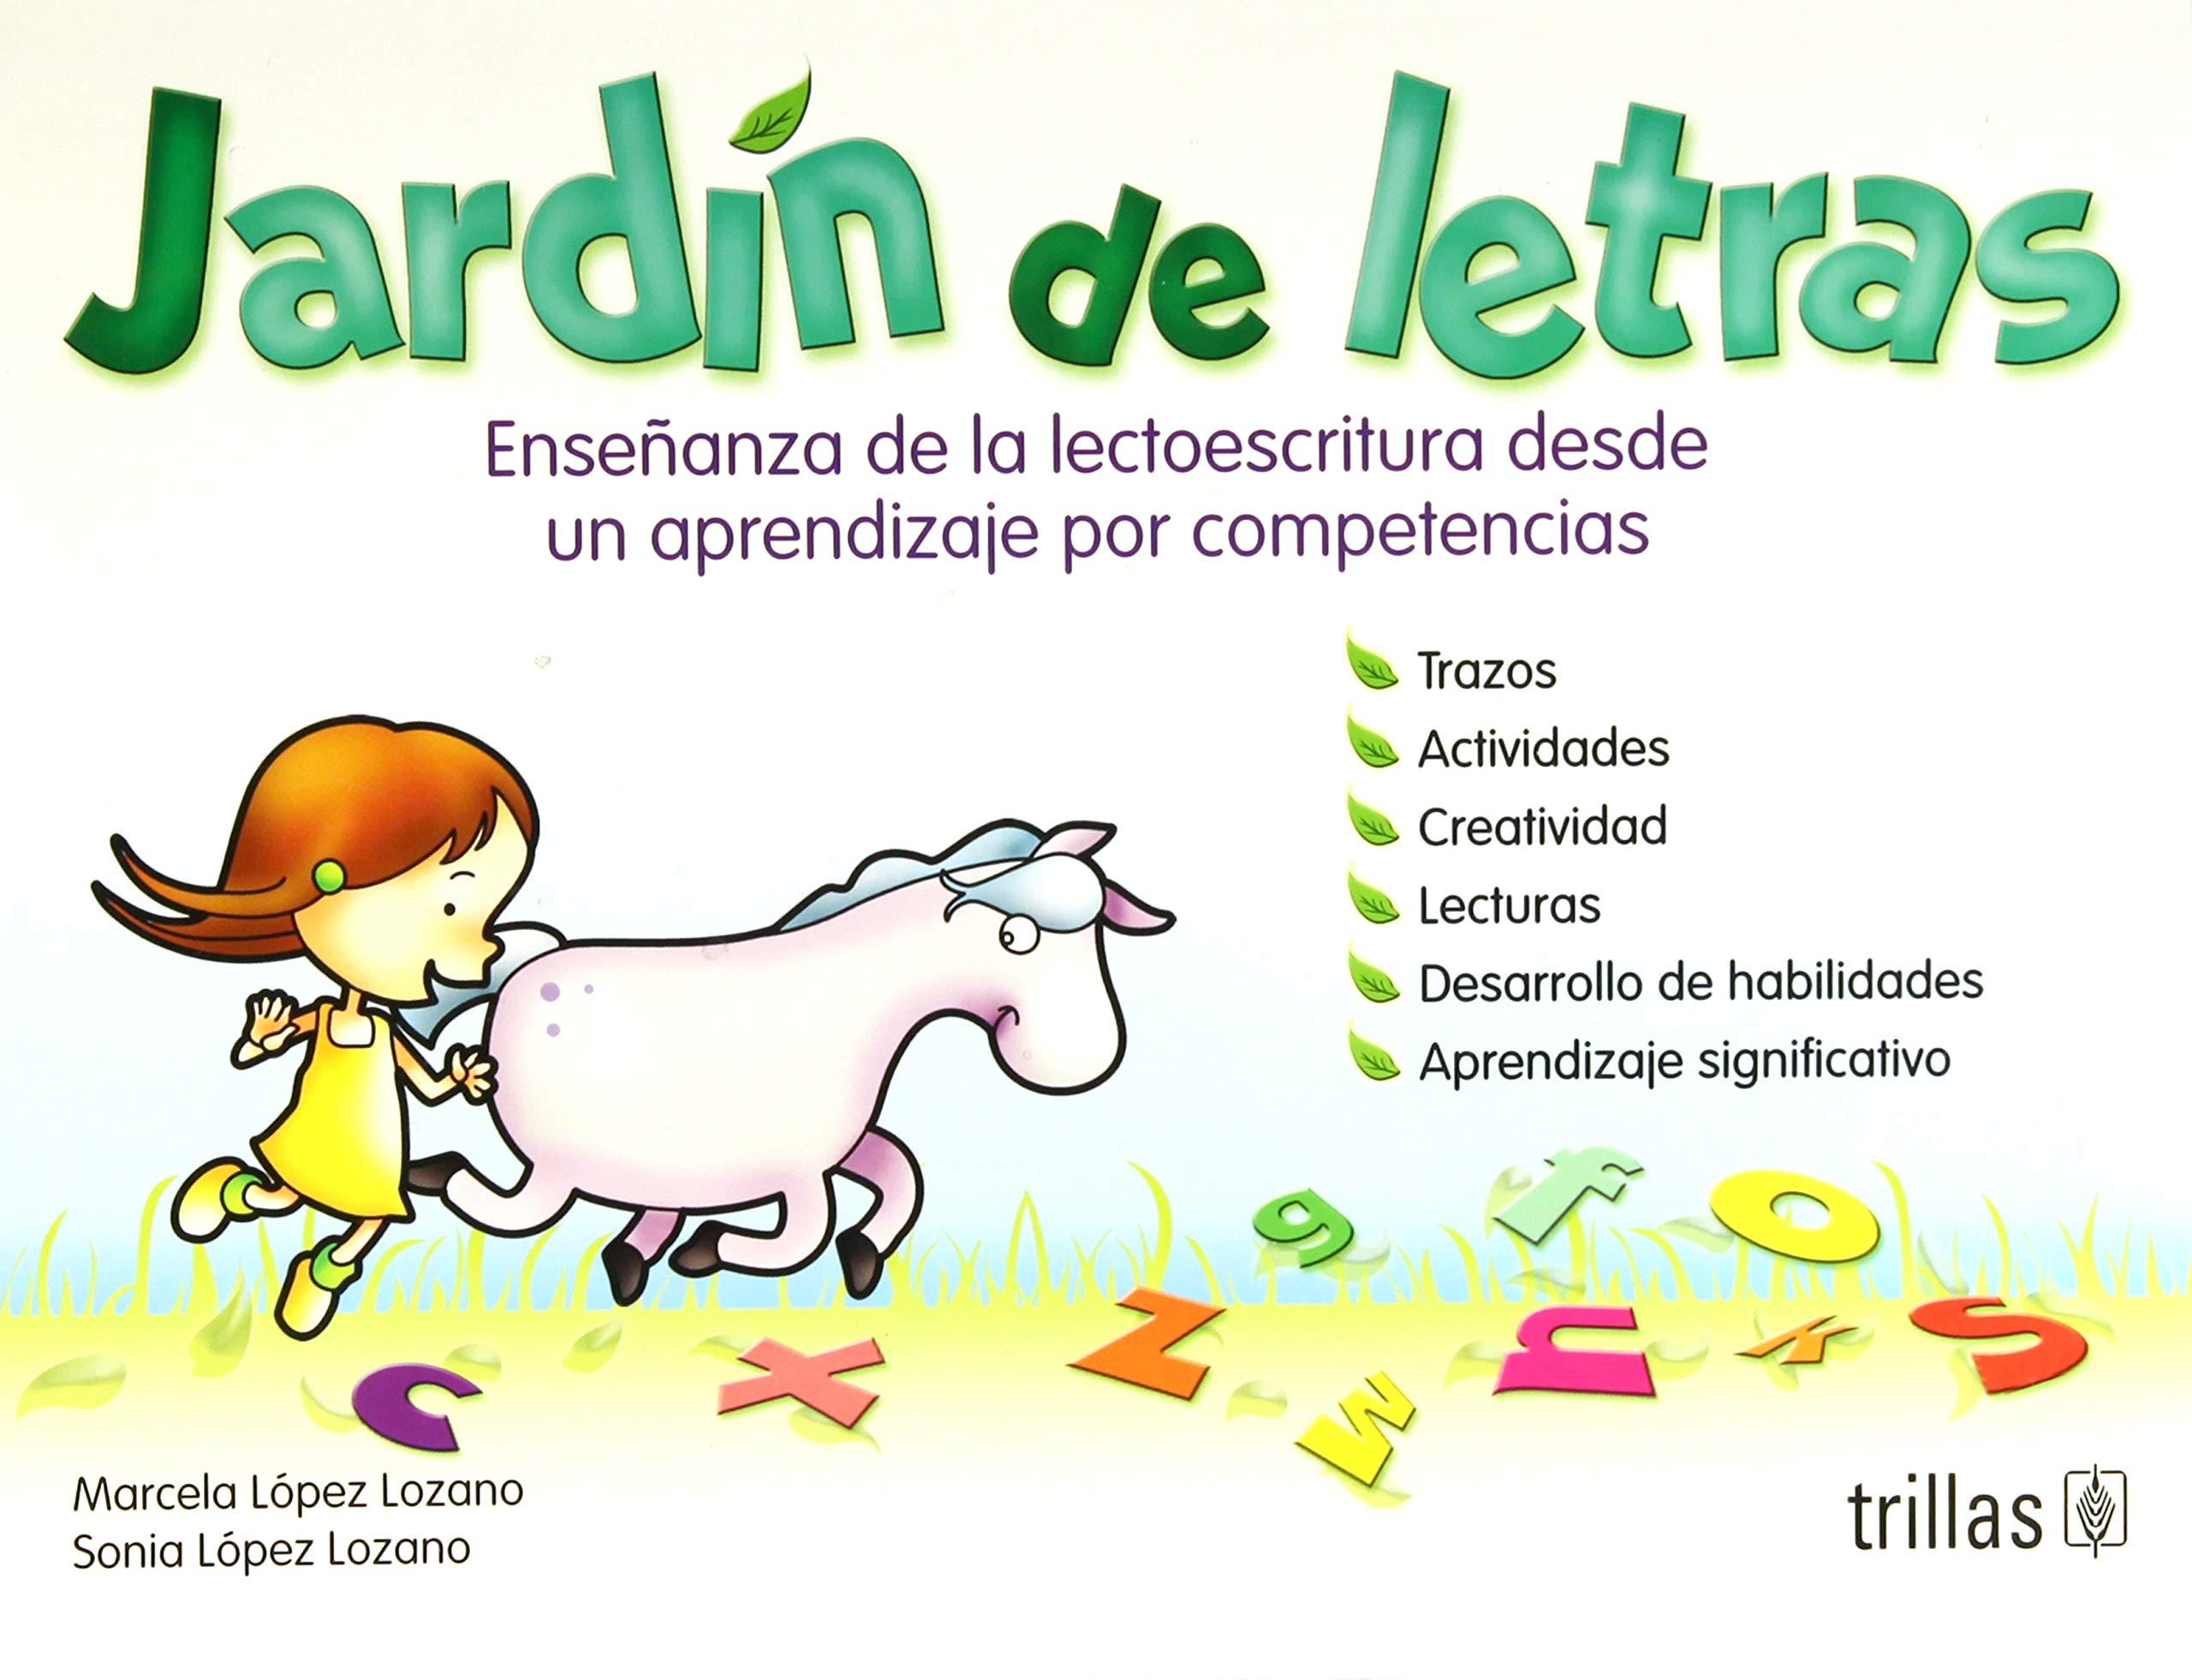 Jardin De Letras: Ensenanza De La Lectoescritura Desde Un Aprendizaje Por: Competencias: Amazon.es: Lozano, Marcela Lopez: Libros